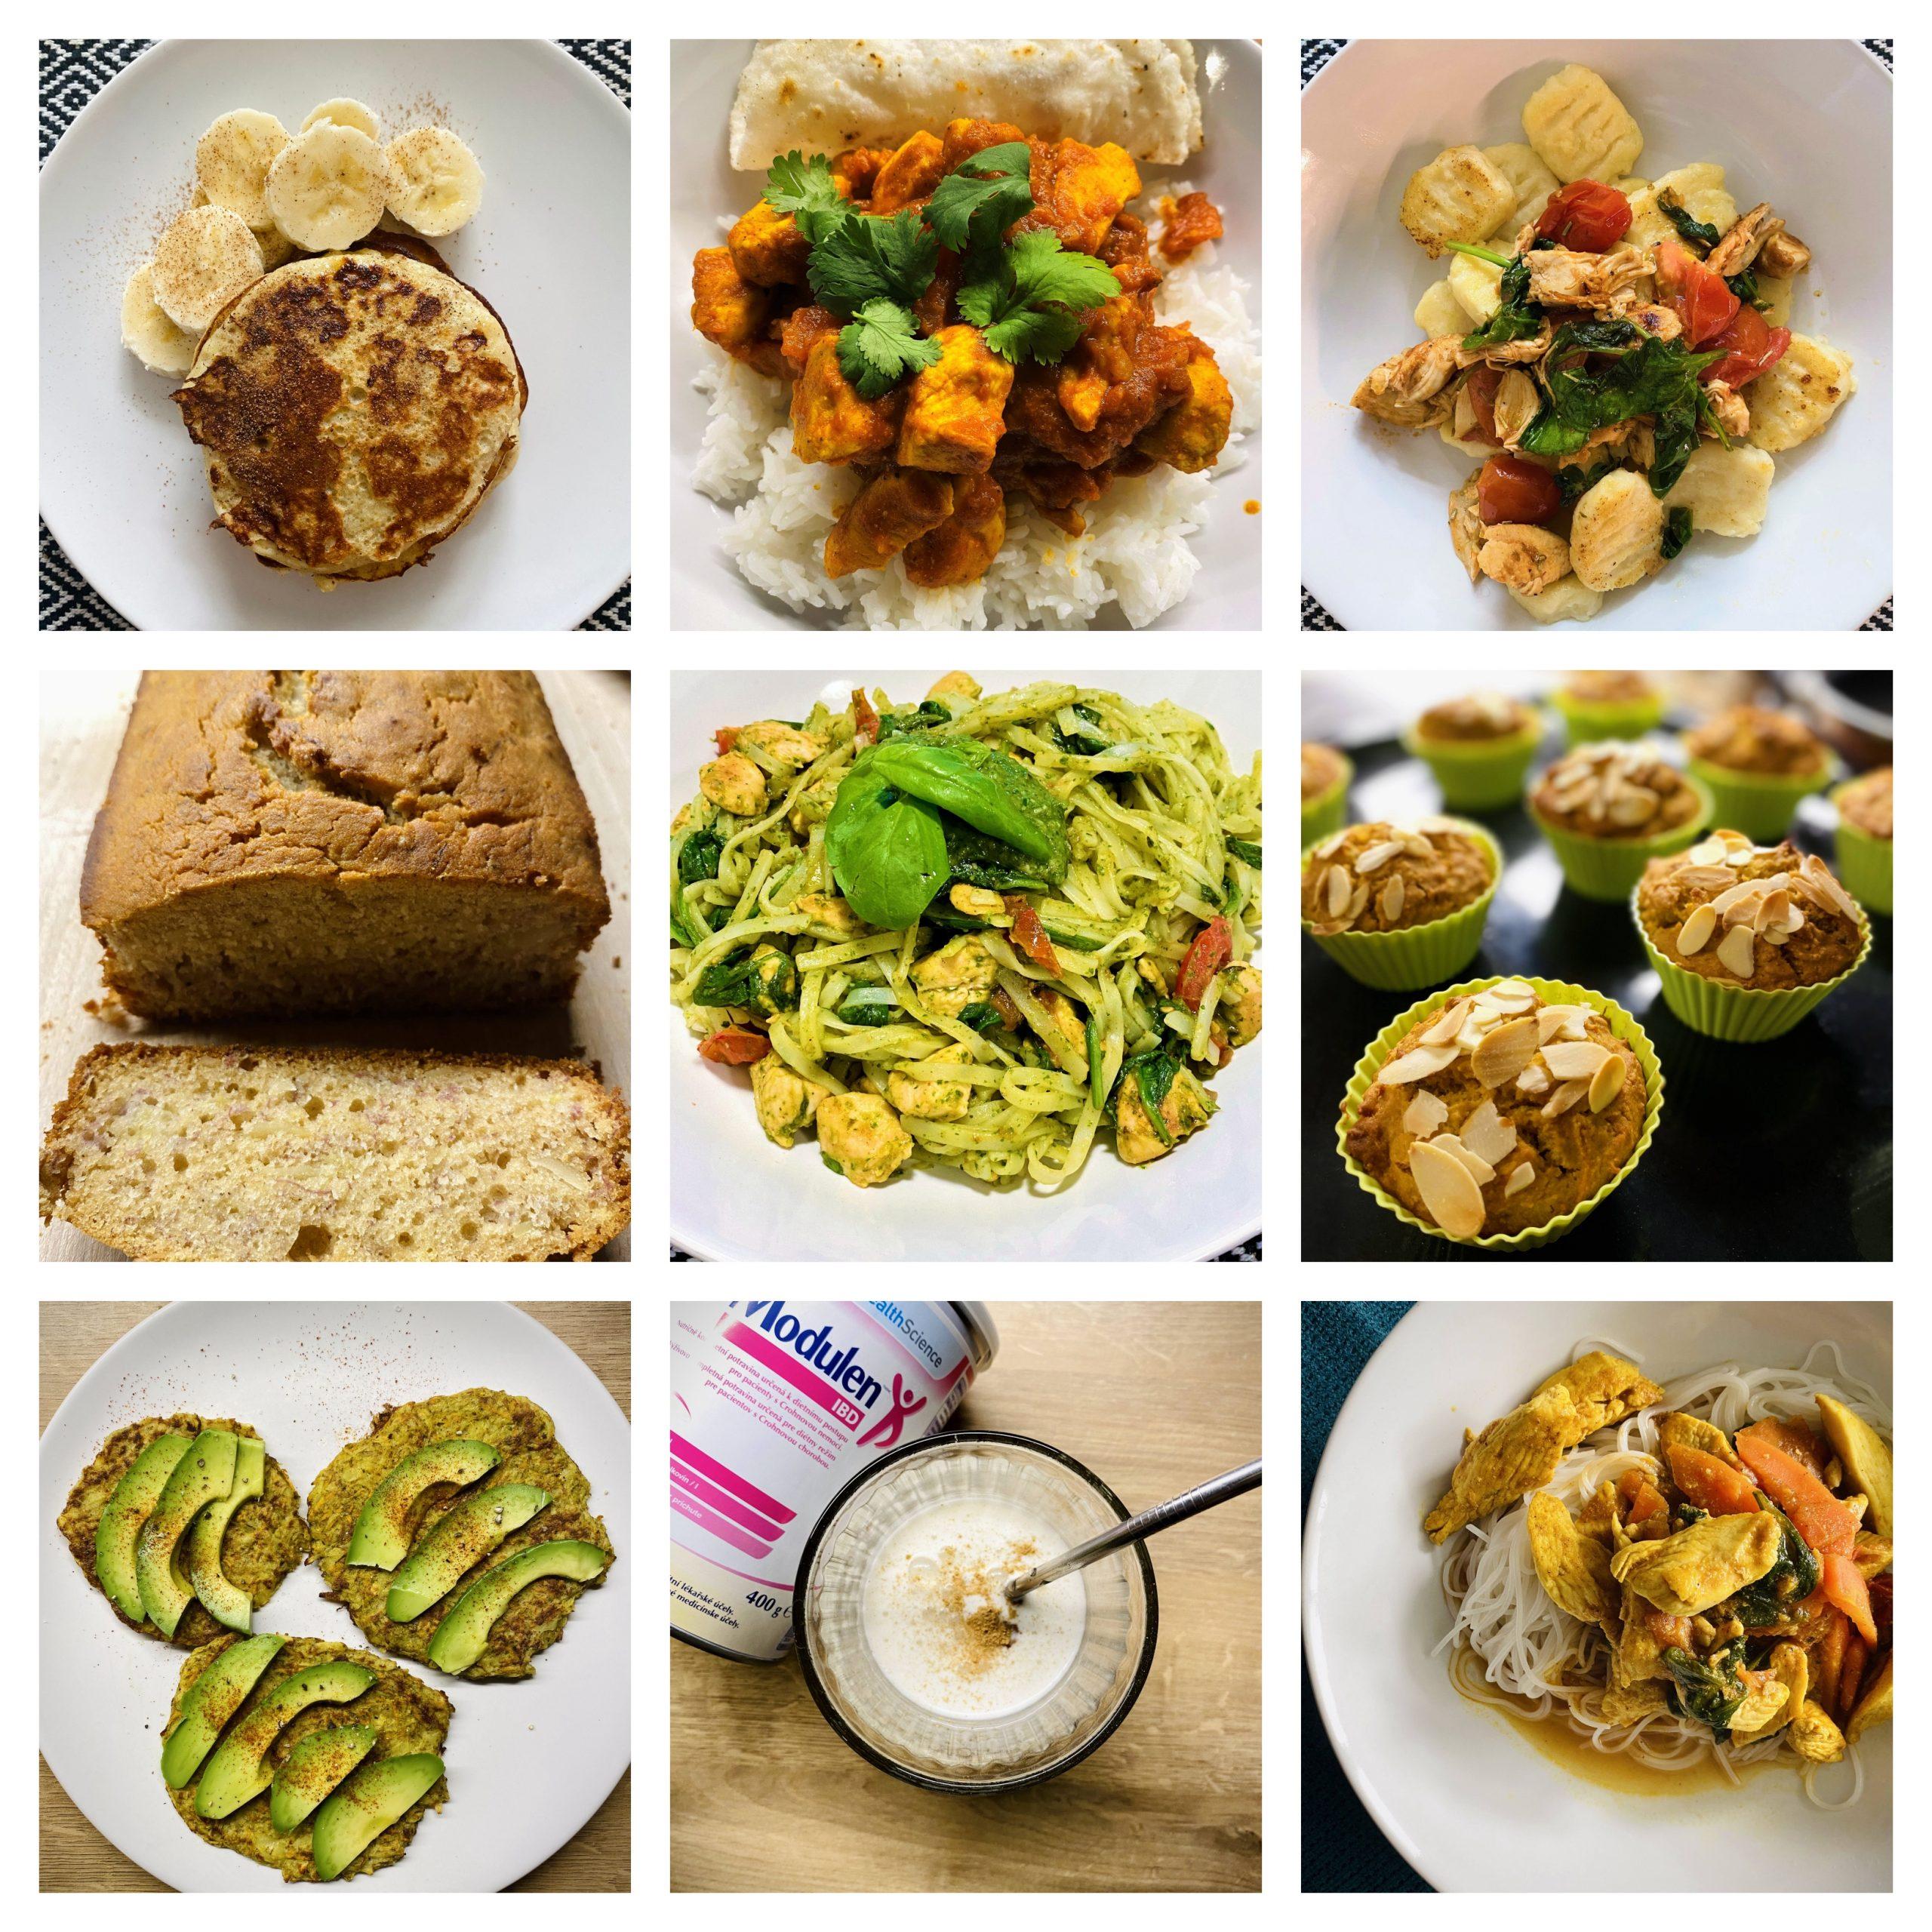 Eliminačná diéta pre pacientov s Crohnovou chorobou, CDED